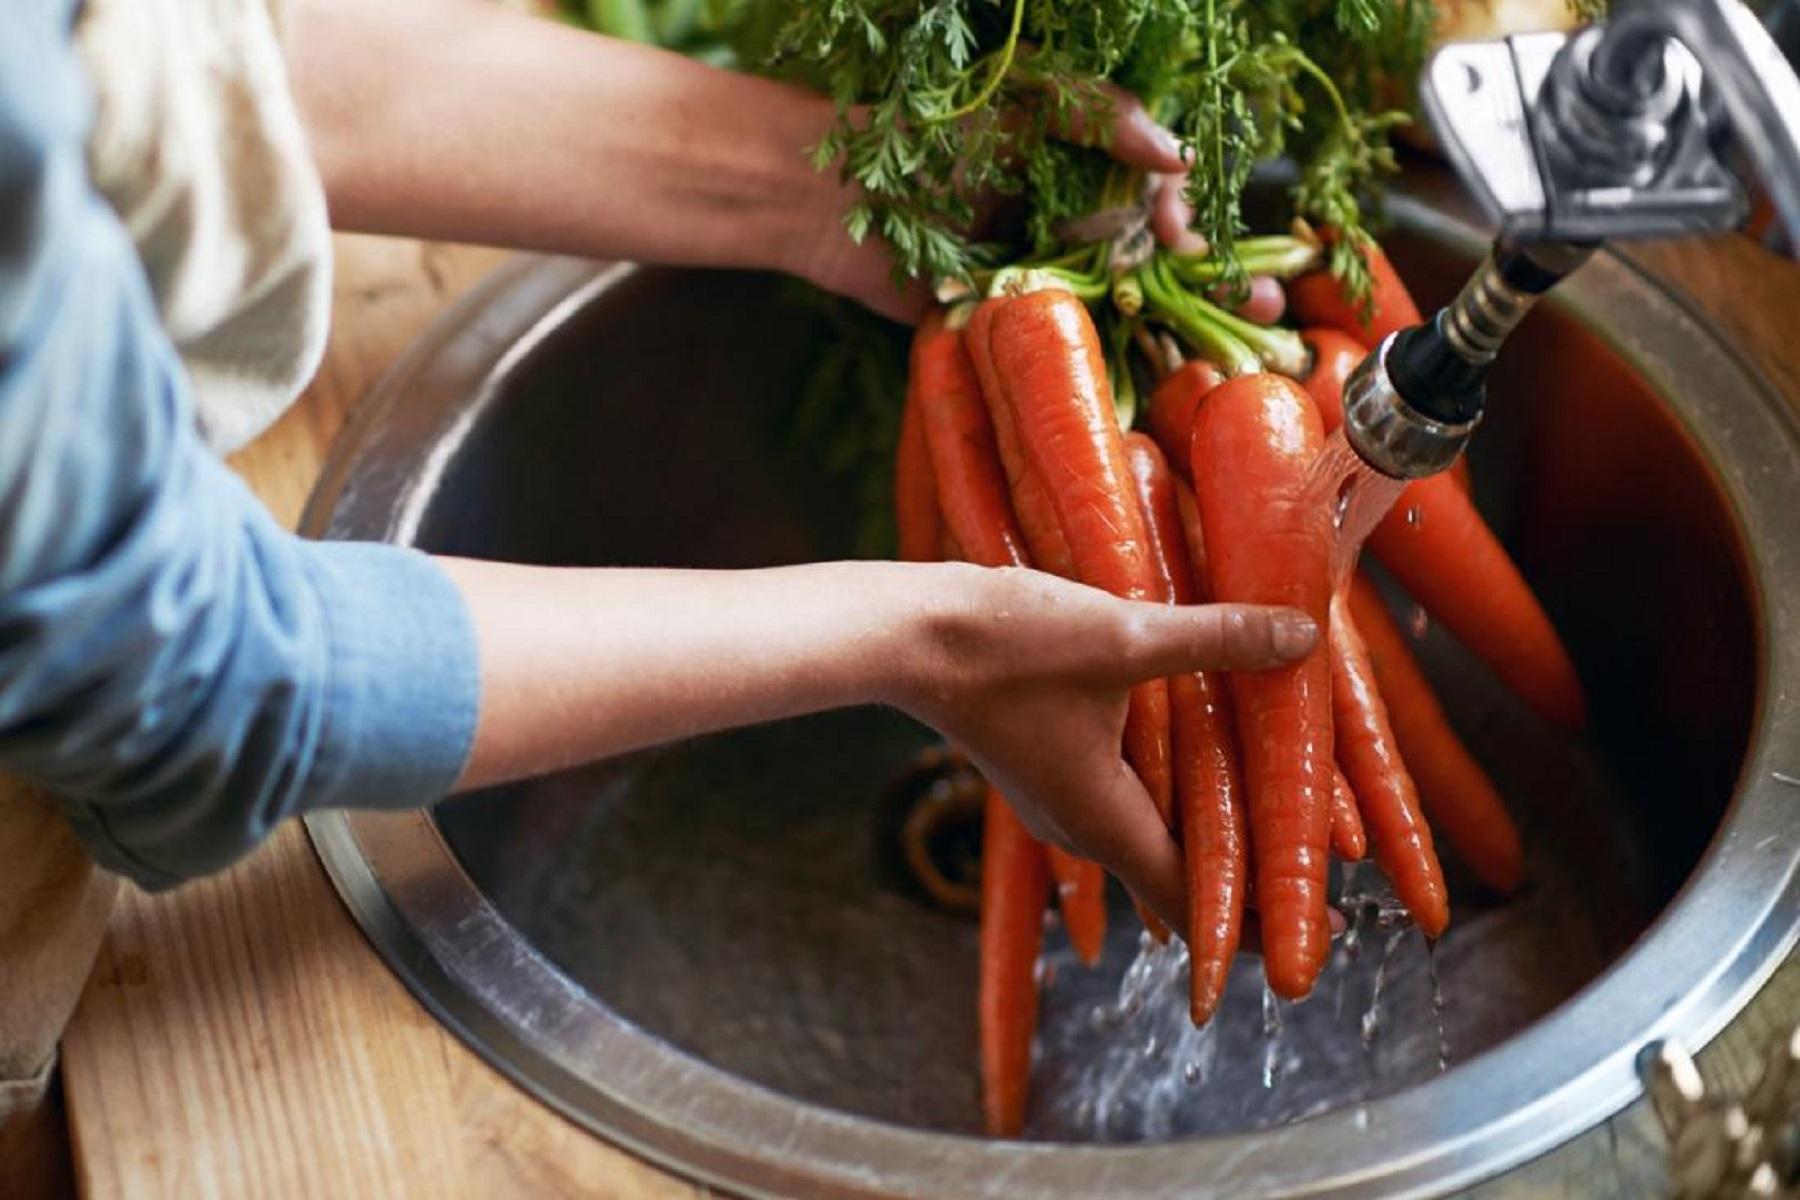 Φρούτα Λαχανικά: Προϊόντα πλυσίματος και θέματα ασφάλειας των τροφίμων